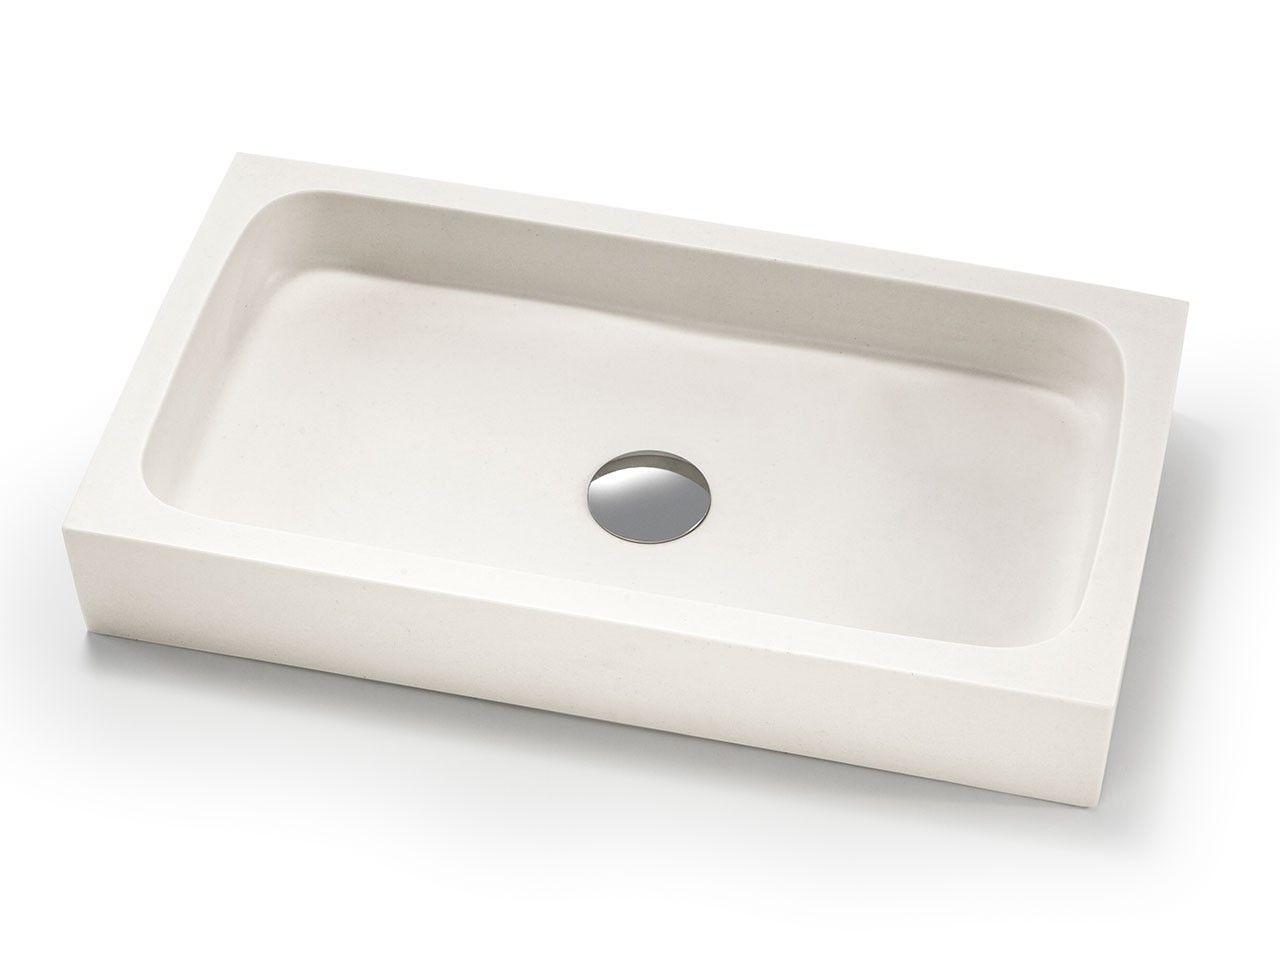 lavabo d'arredo circe resina-carrara - iperceramica | lavabi bagno ... - Arredo Bagno Carrara